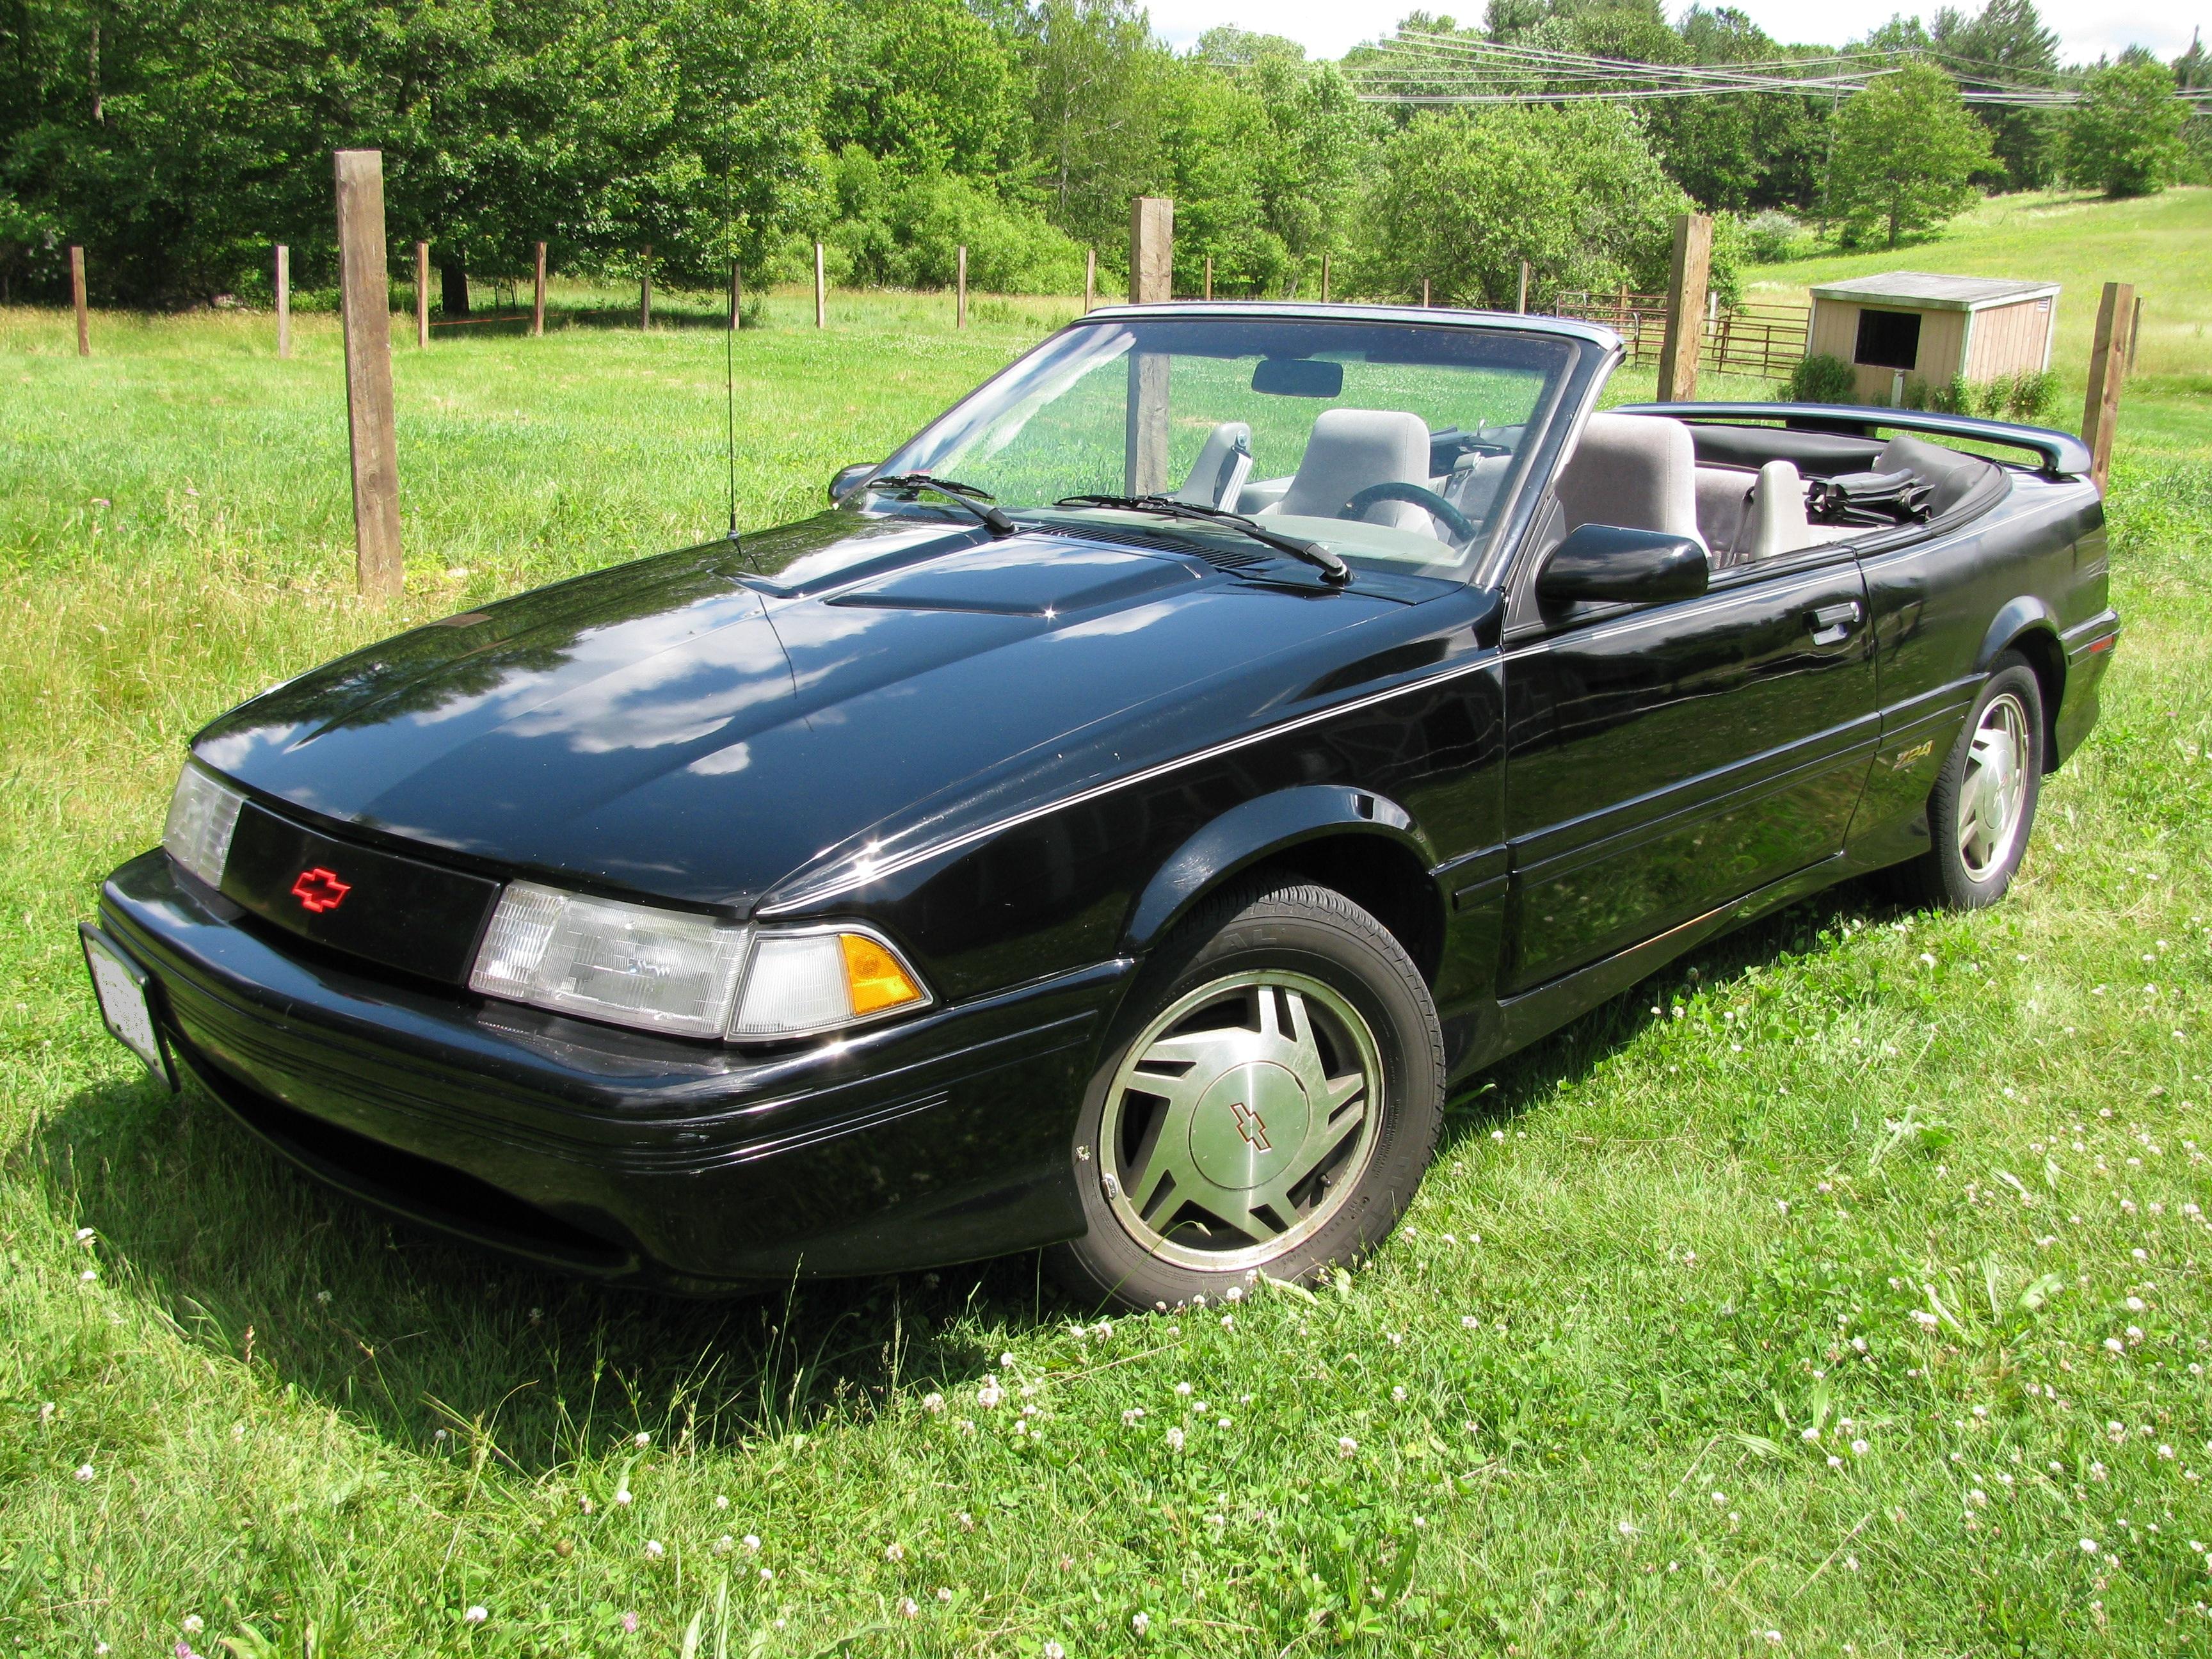 Chevy cavalier z24